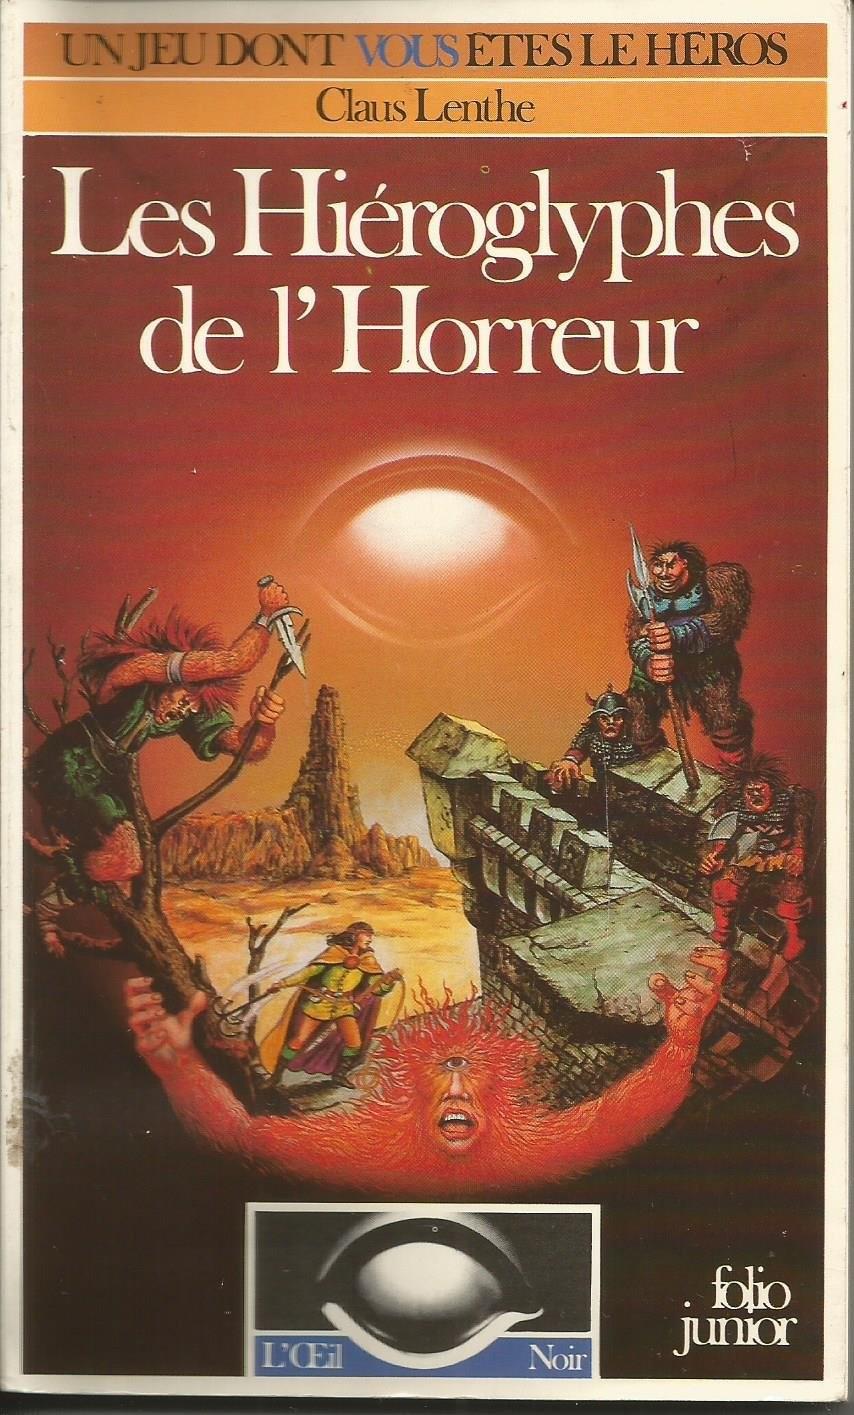 Les Hieroglyphes De L Horreur Un Livre Dont Vous Etes Le Heros